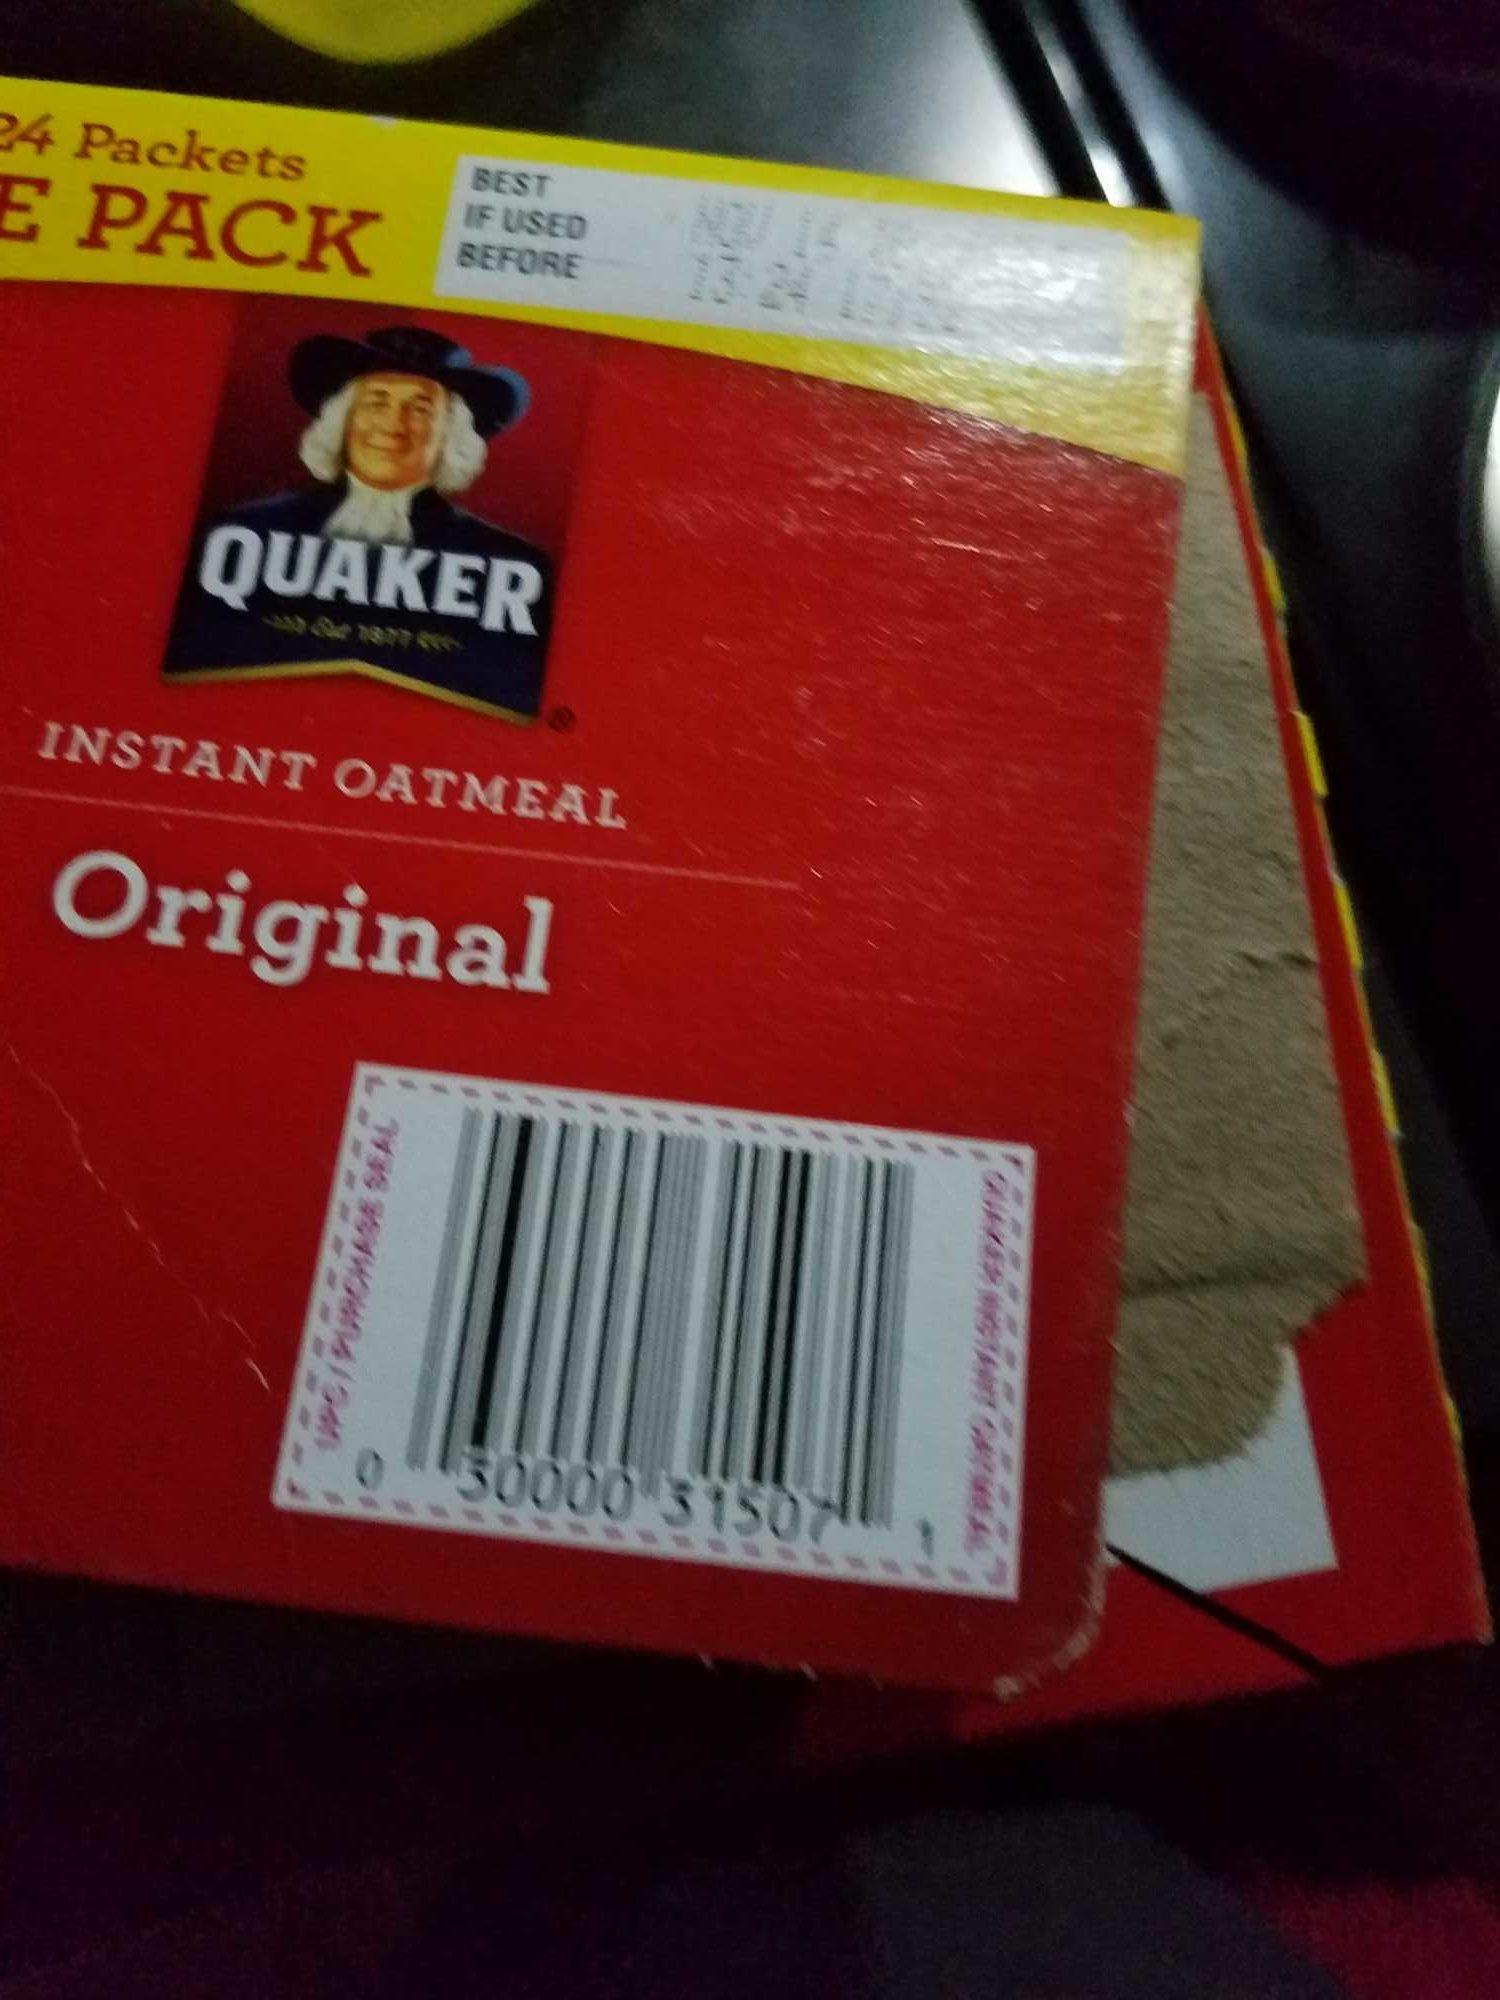 Quaker - Product